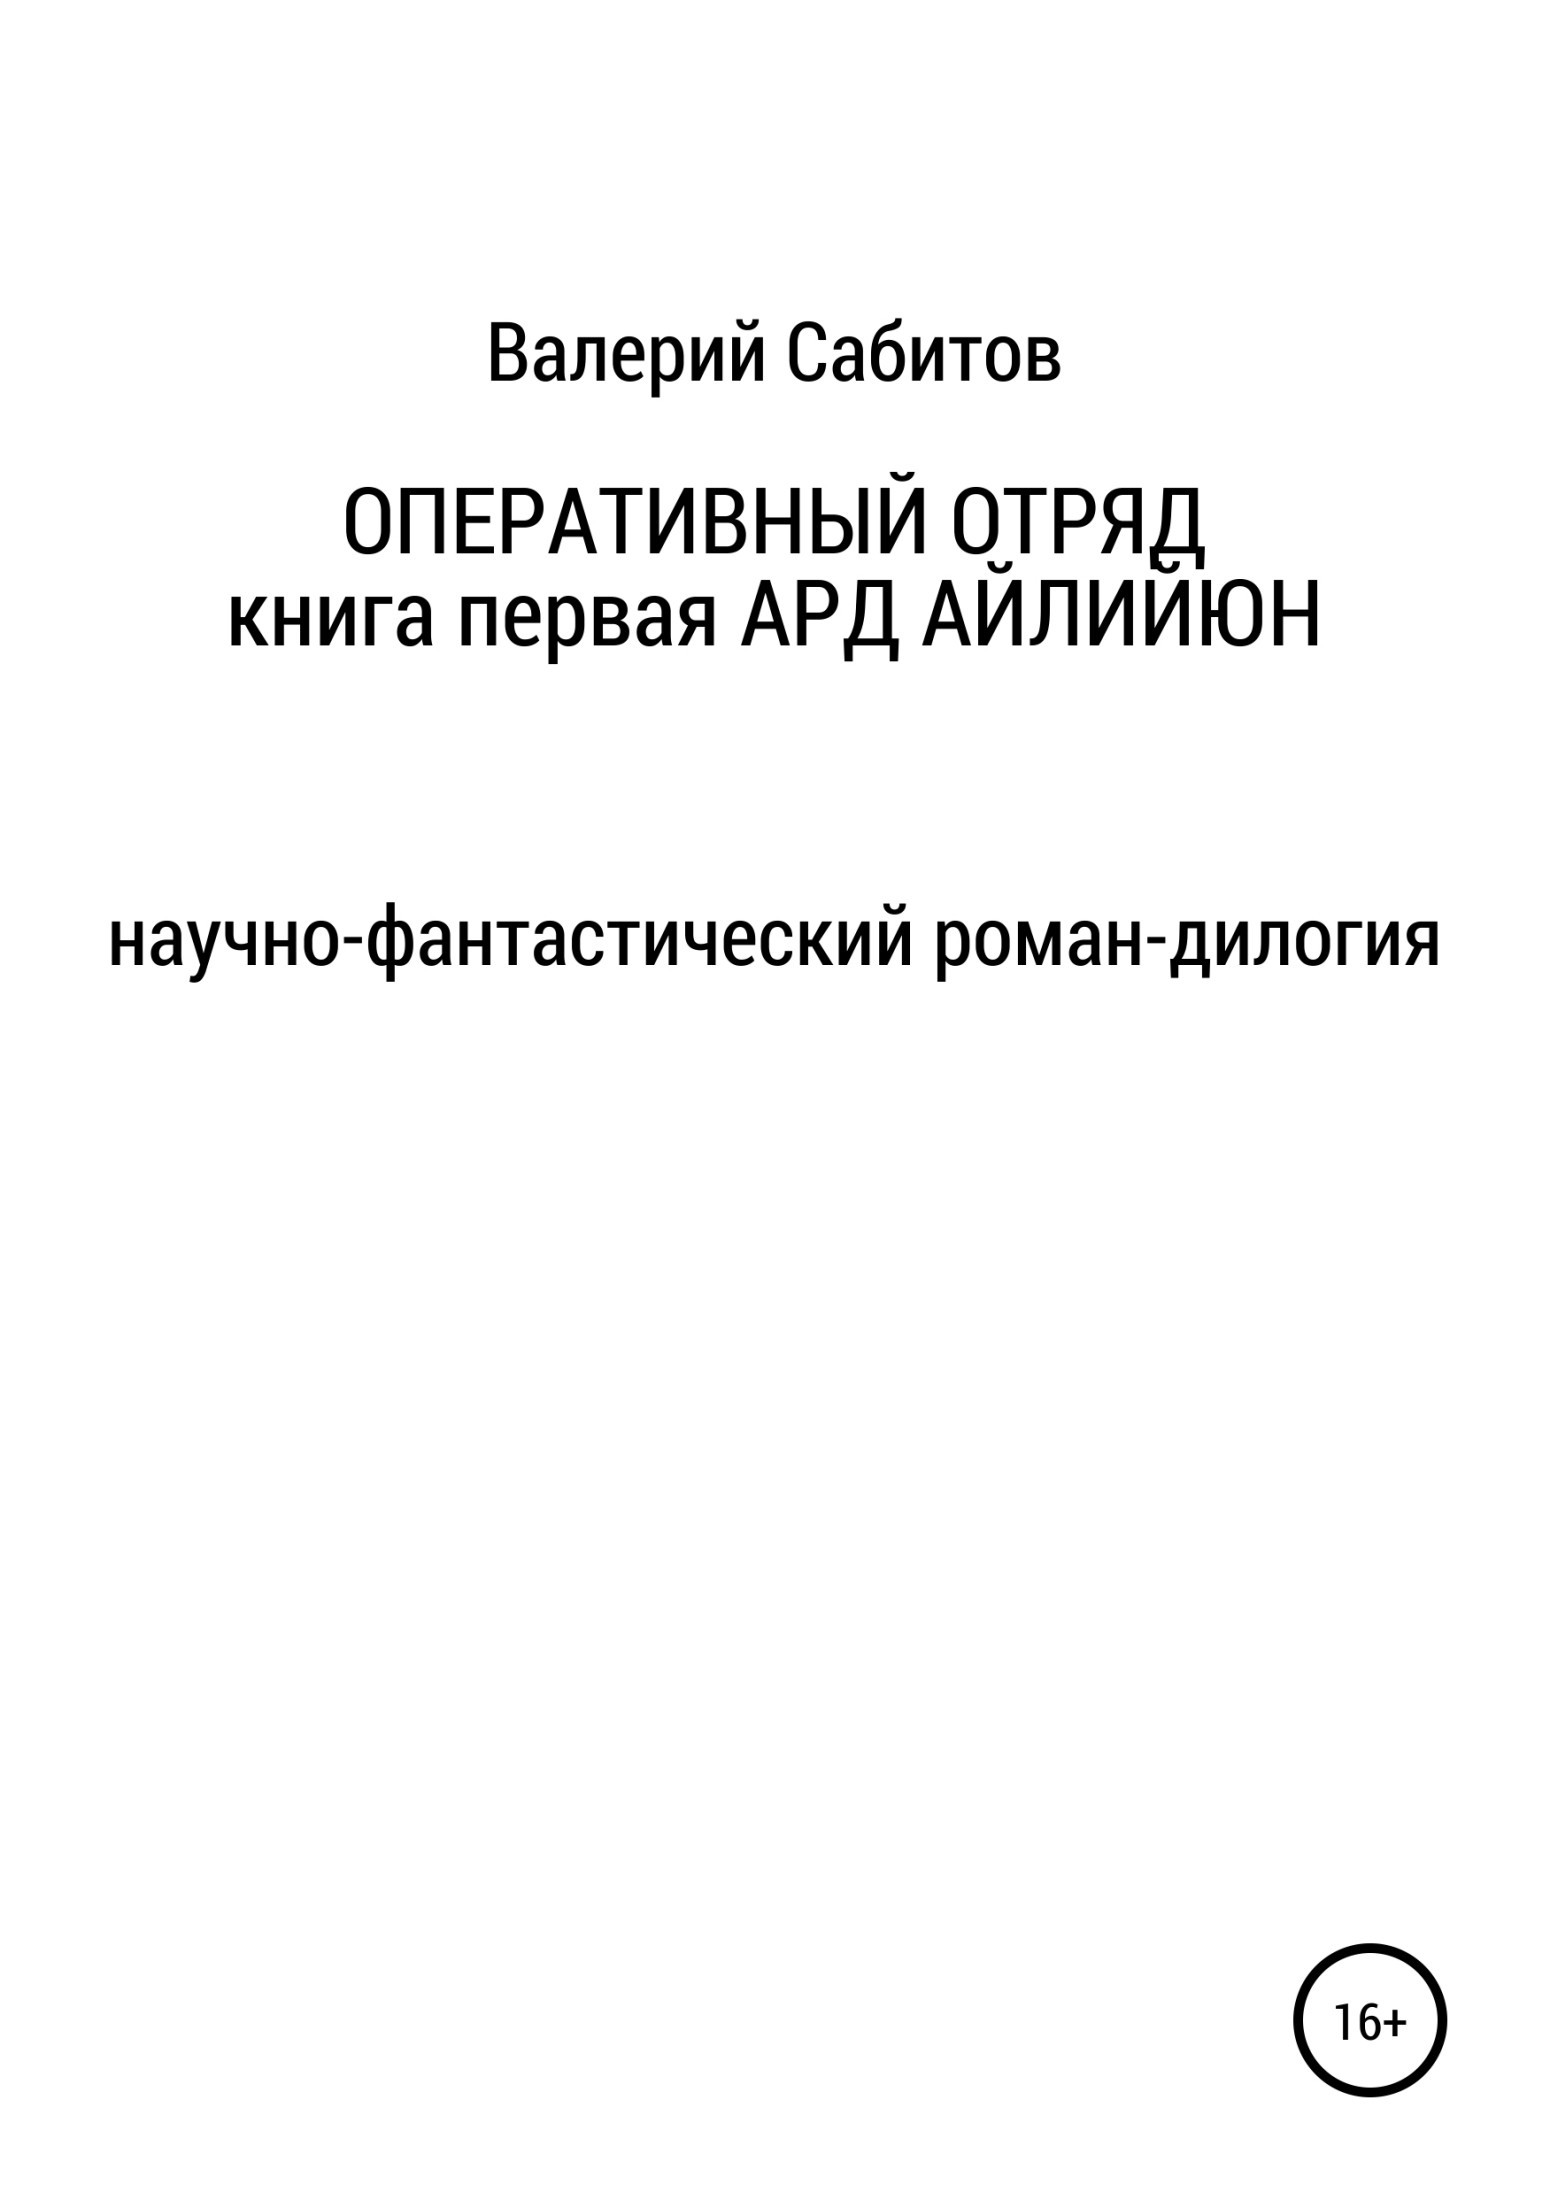 Валерий Сабитов Оперативный отряд. Книга первая. Ард Айлийюн